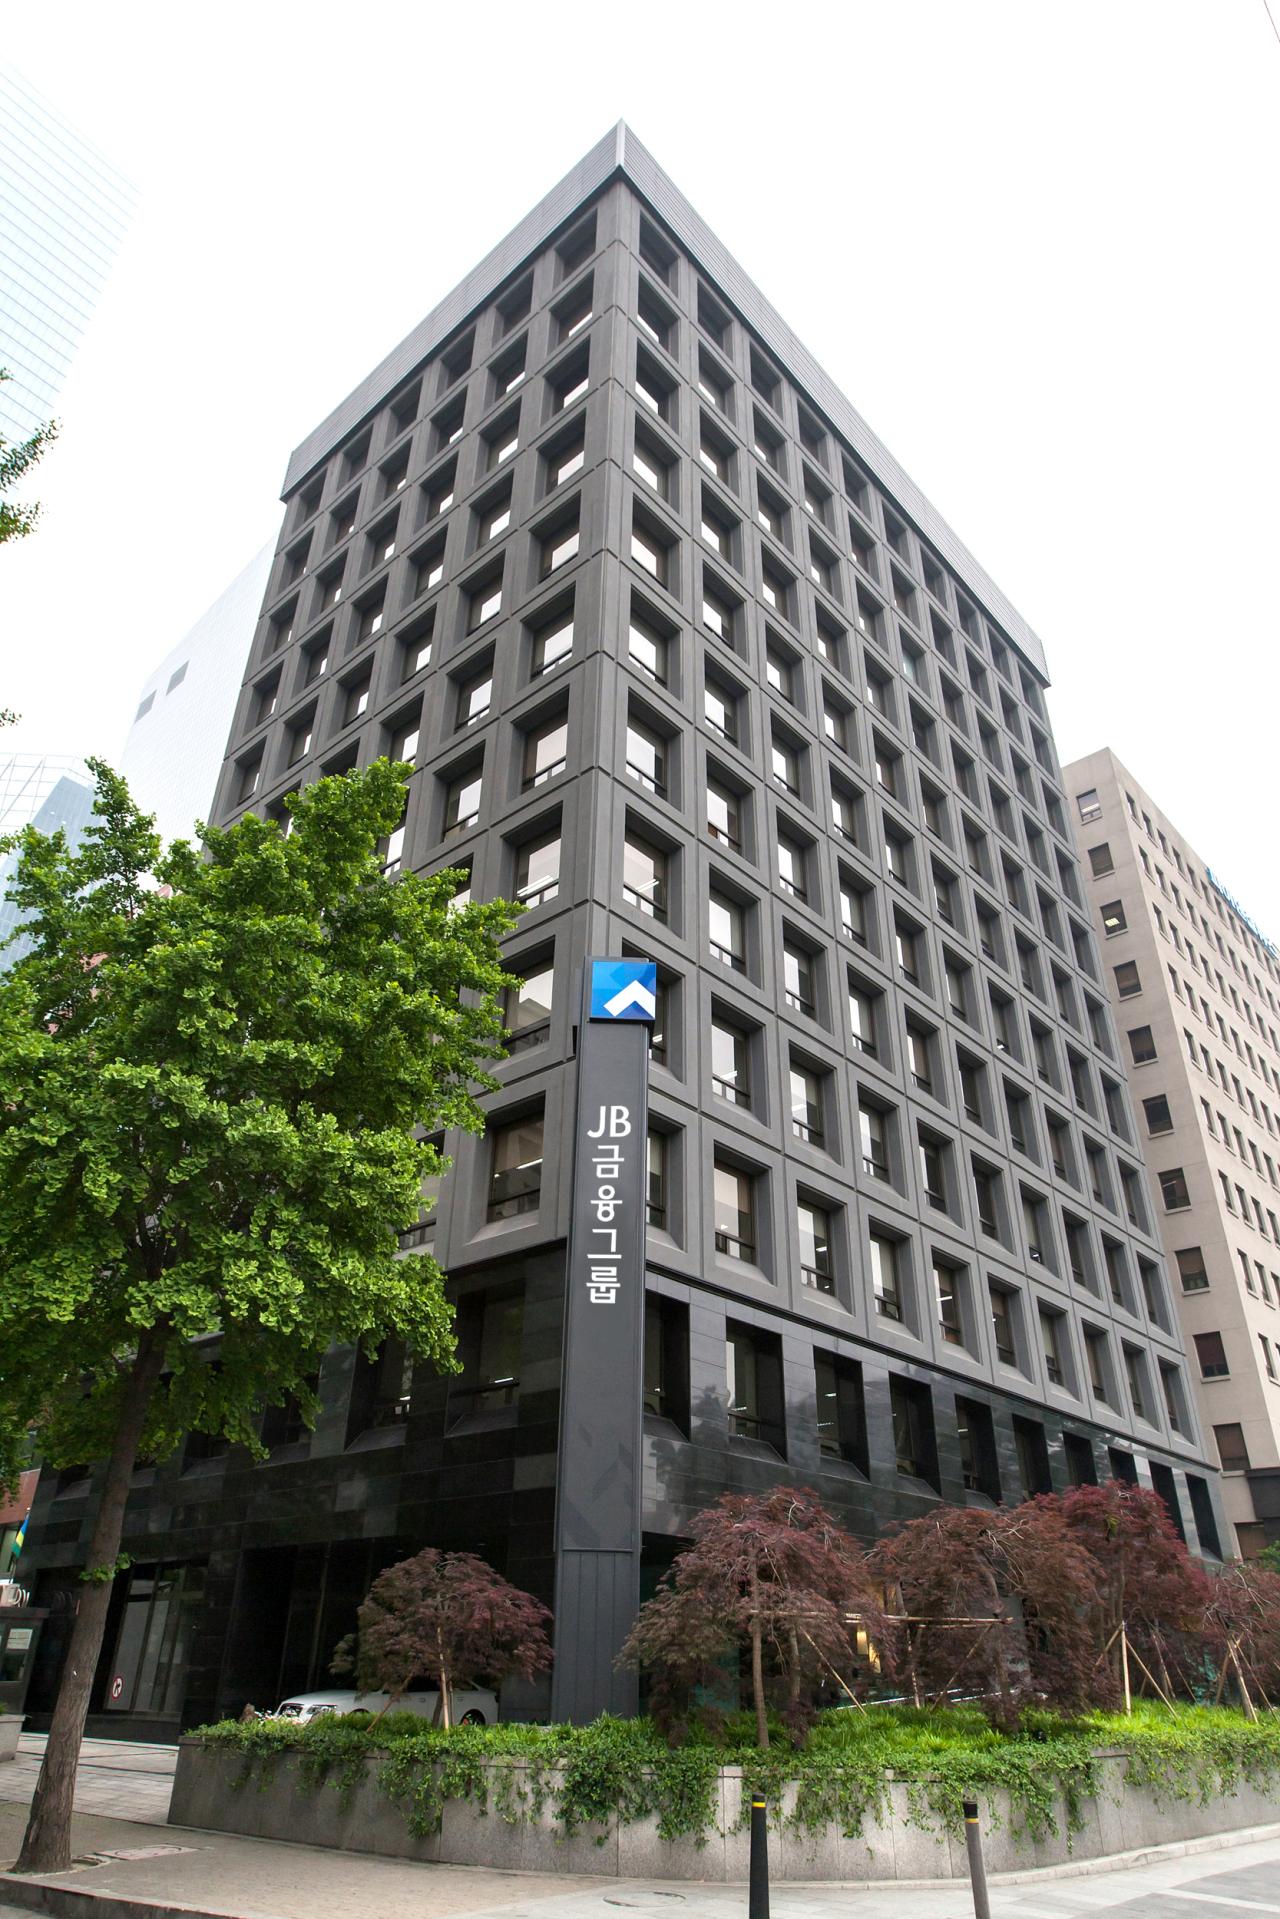 JB Financial Group's Seoul office in Yeouido. (JB Financial)